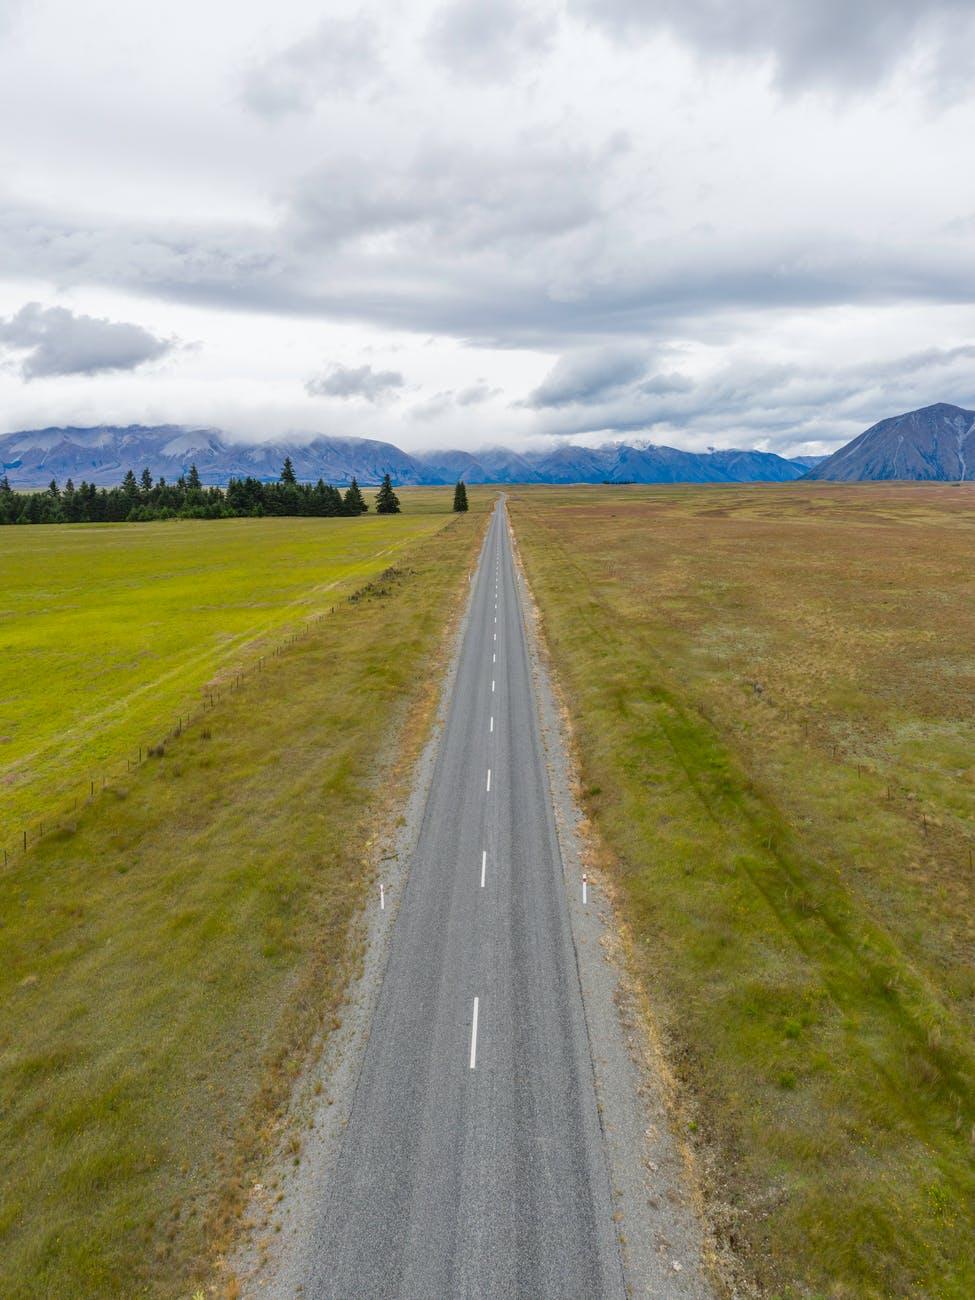 gray asphalt road between green grass field